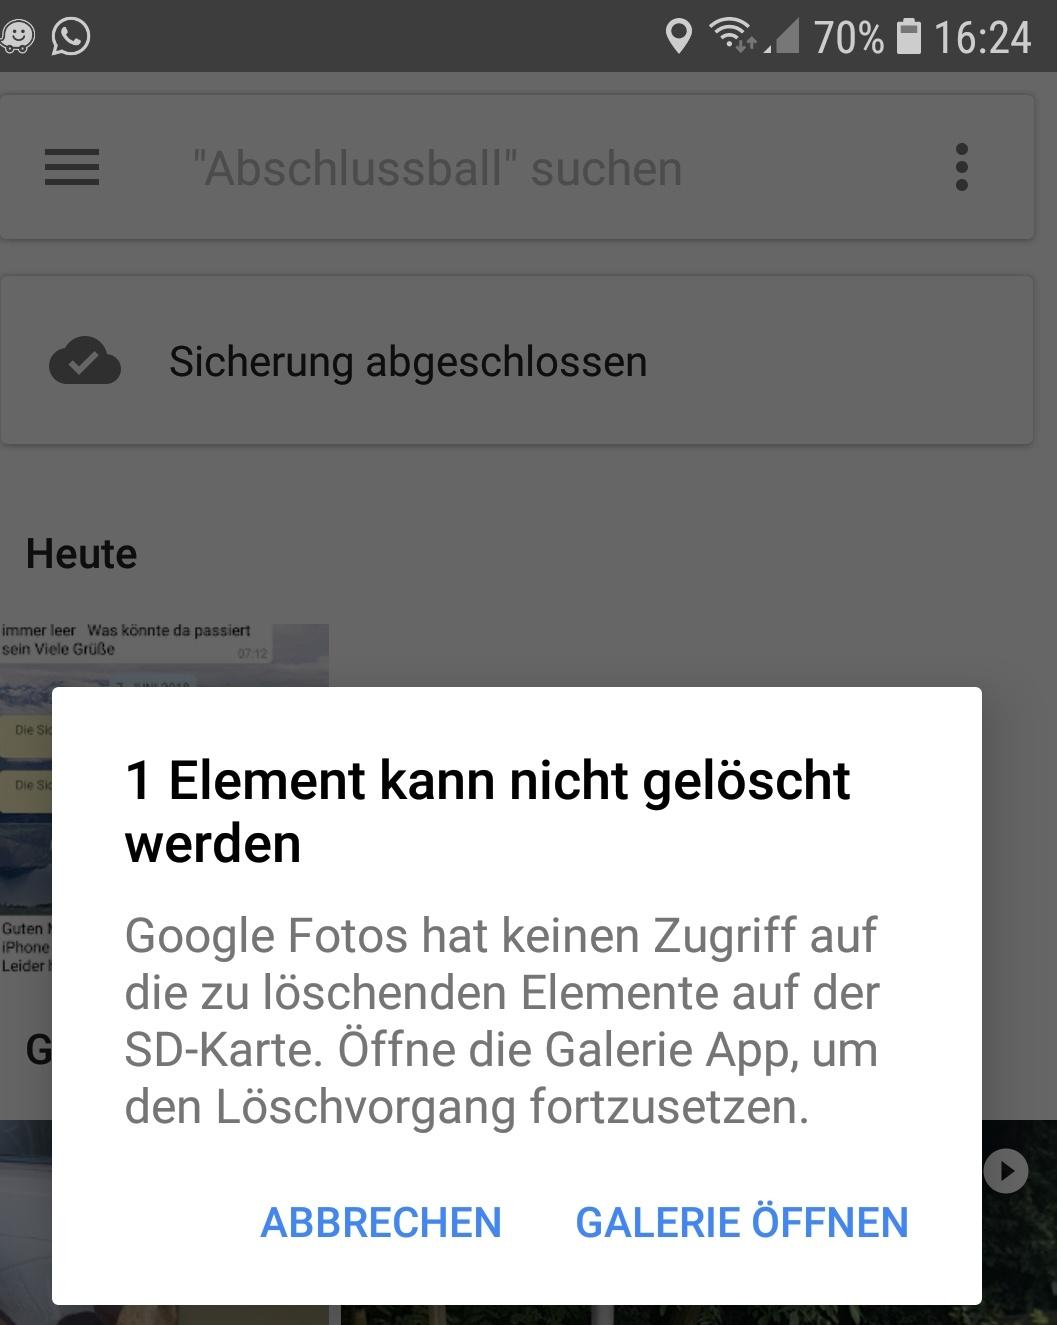 kein zugriff auf sd karte android Speicherplatz Freigeben nicht möglich, trotz vorhandener Rechte